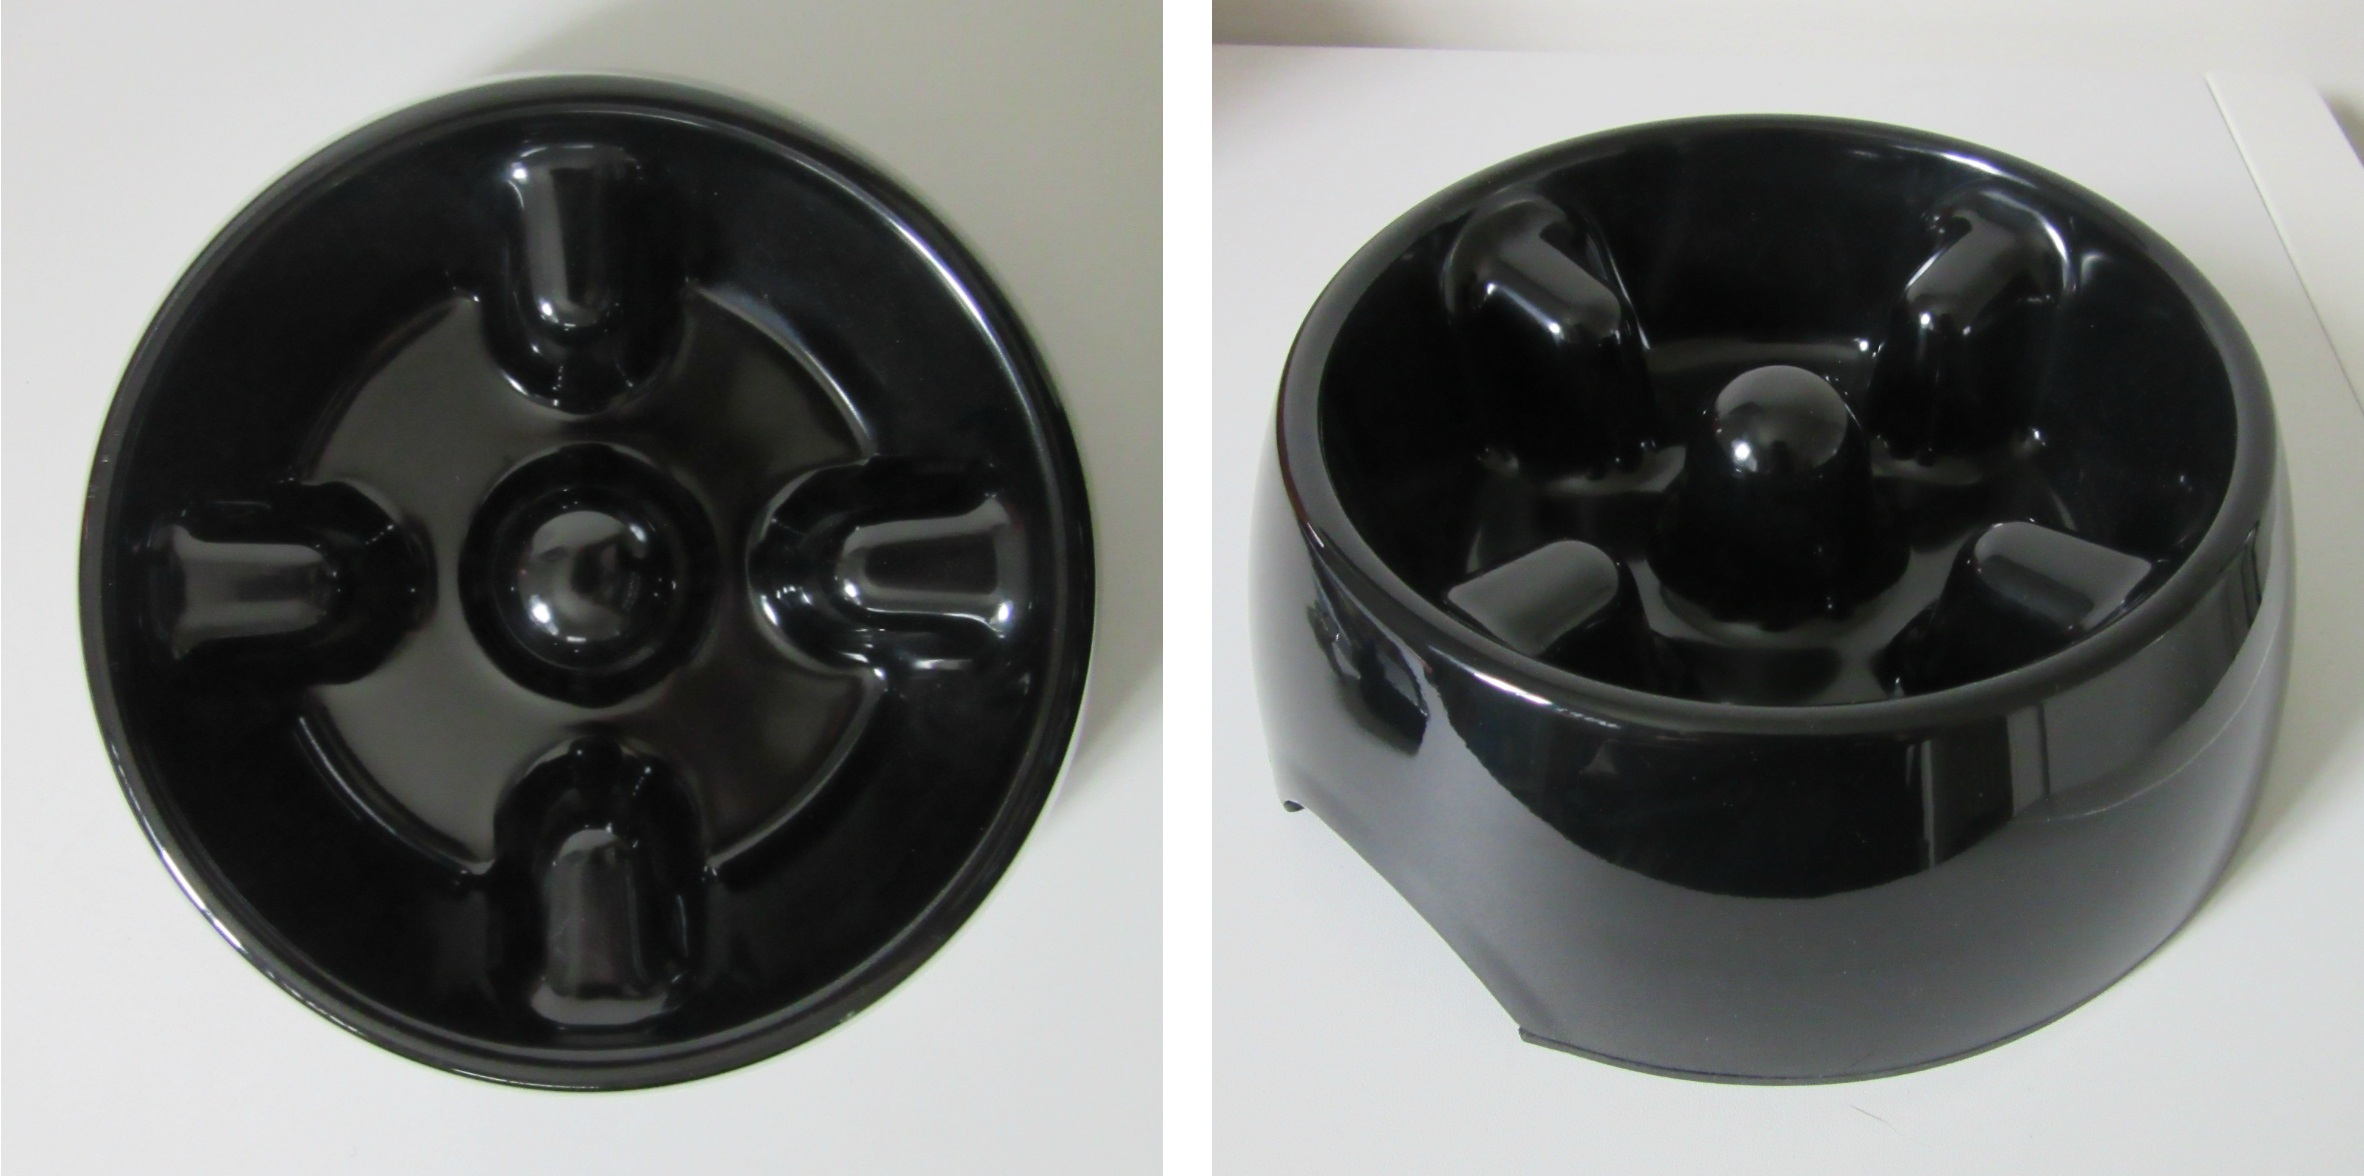 Short Snout Dog Food Bowl